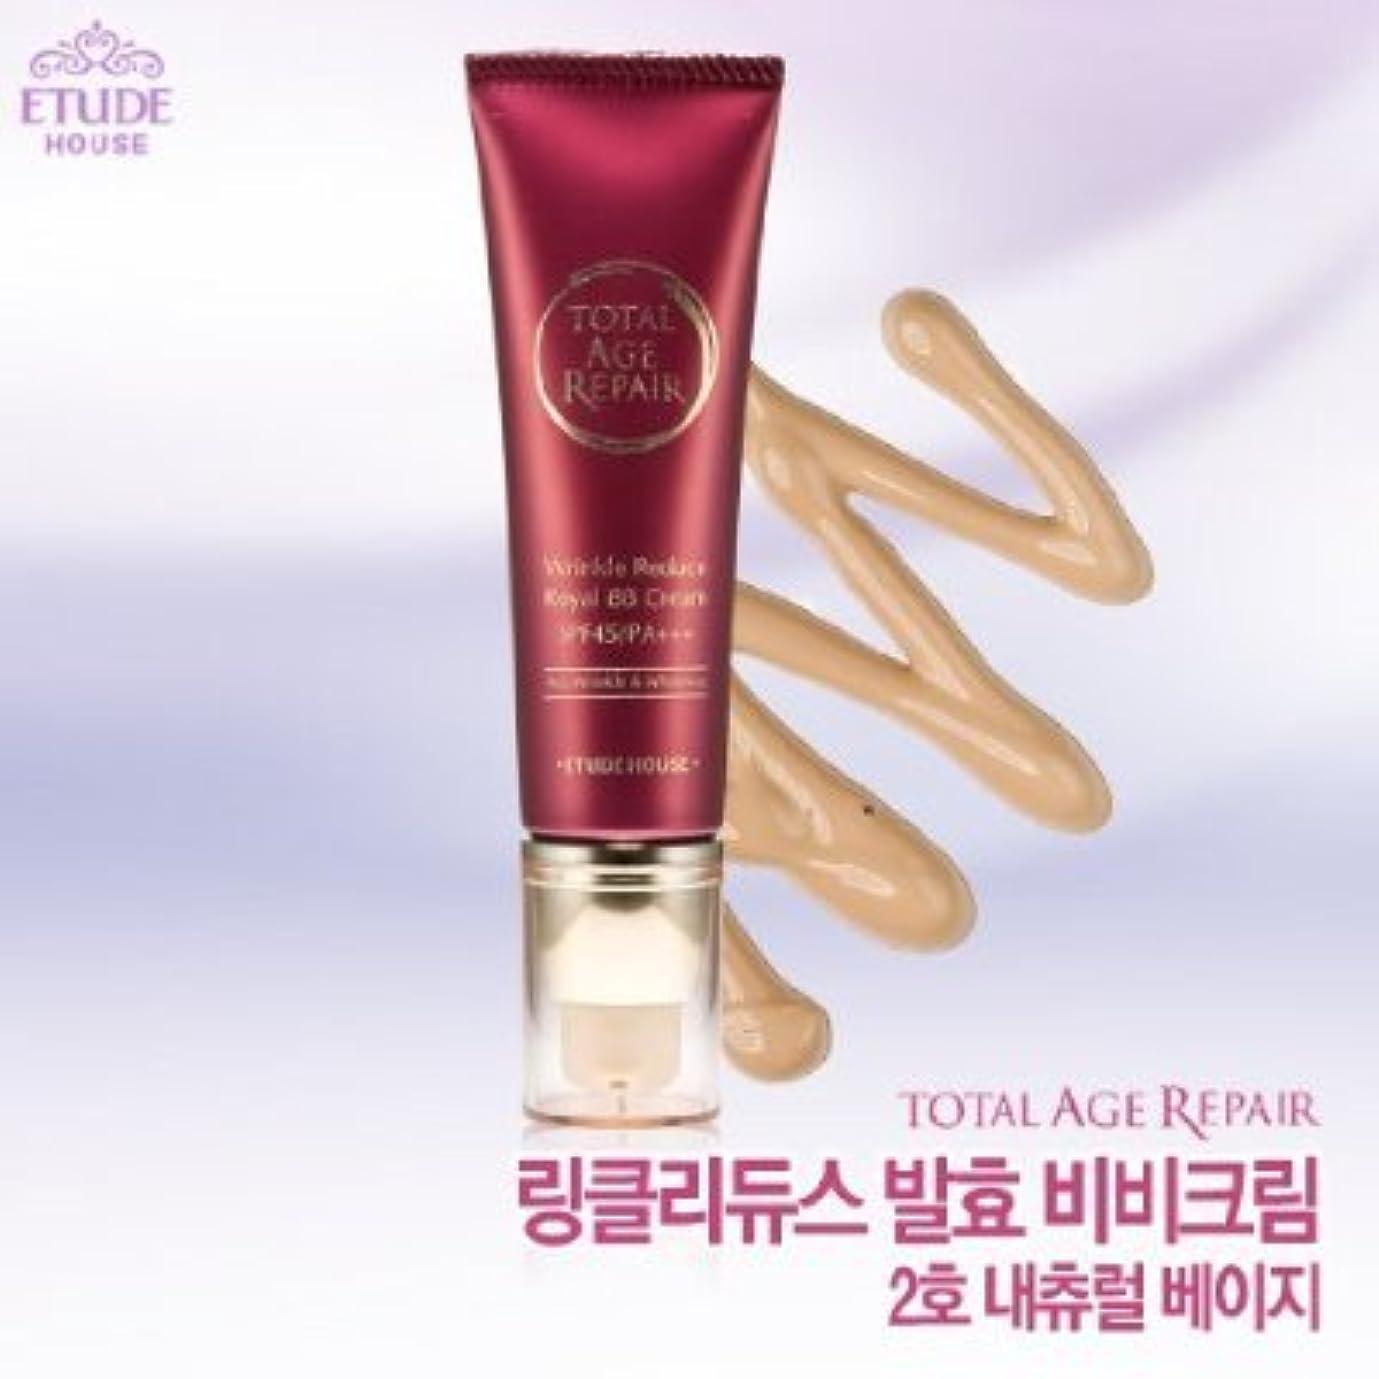 いっぱいホバートいたずらEtude House Total Age Repair Wrinkle Reduce Royal BB Cream (SPF45/PA++) #2 Natural Beige